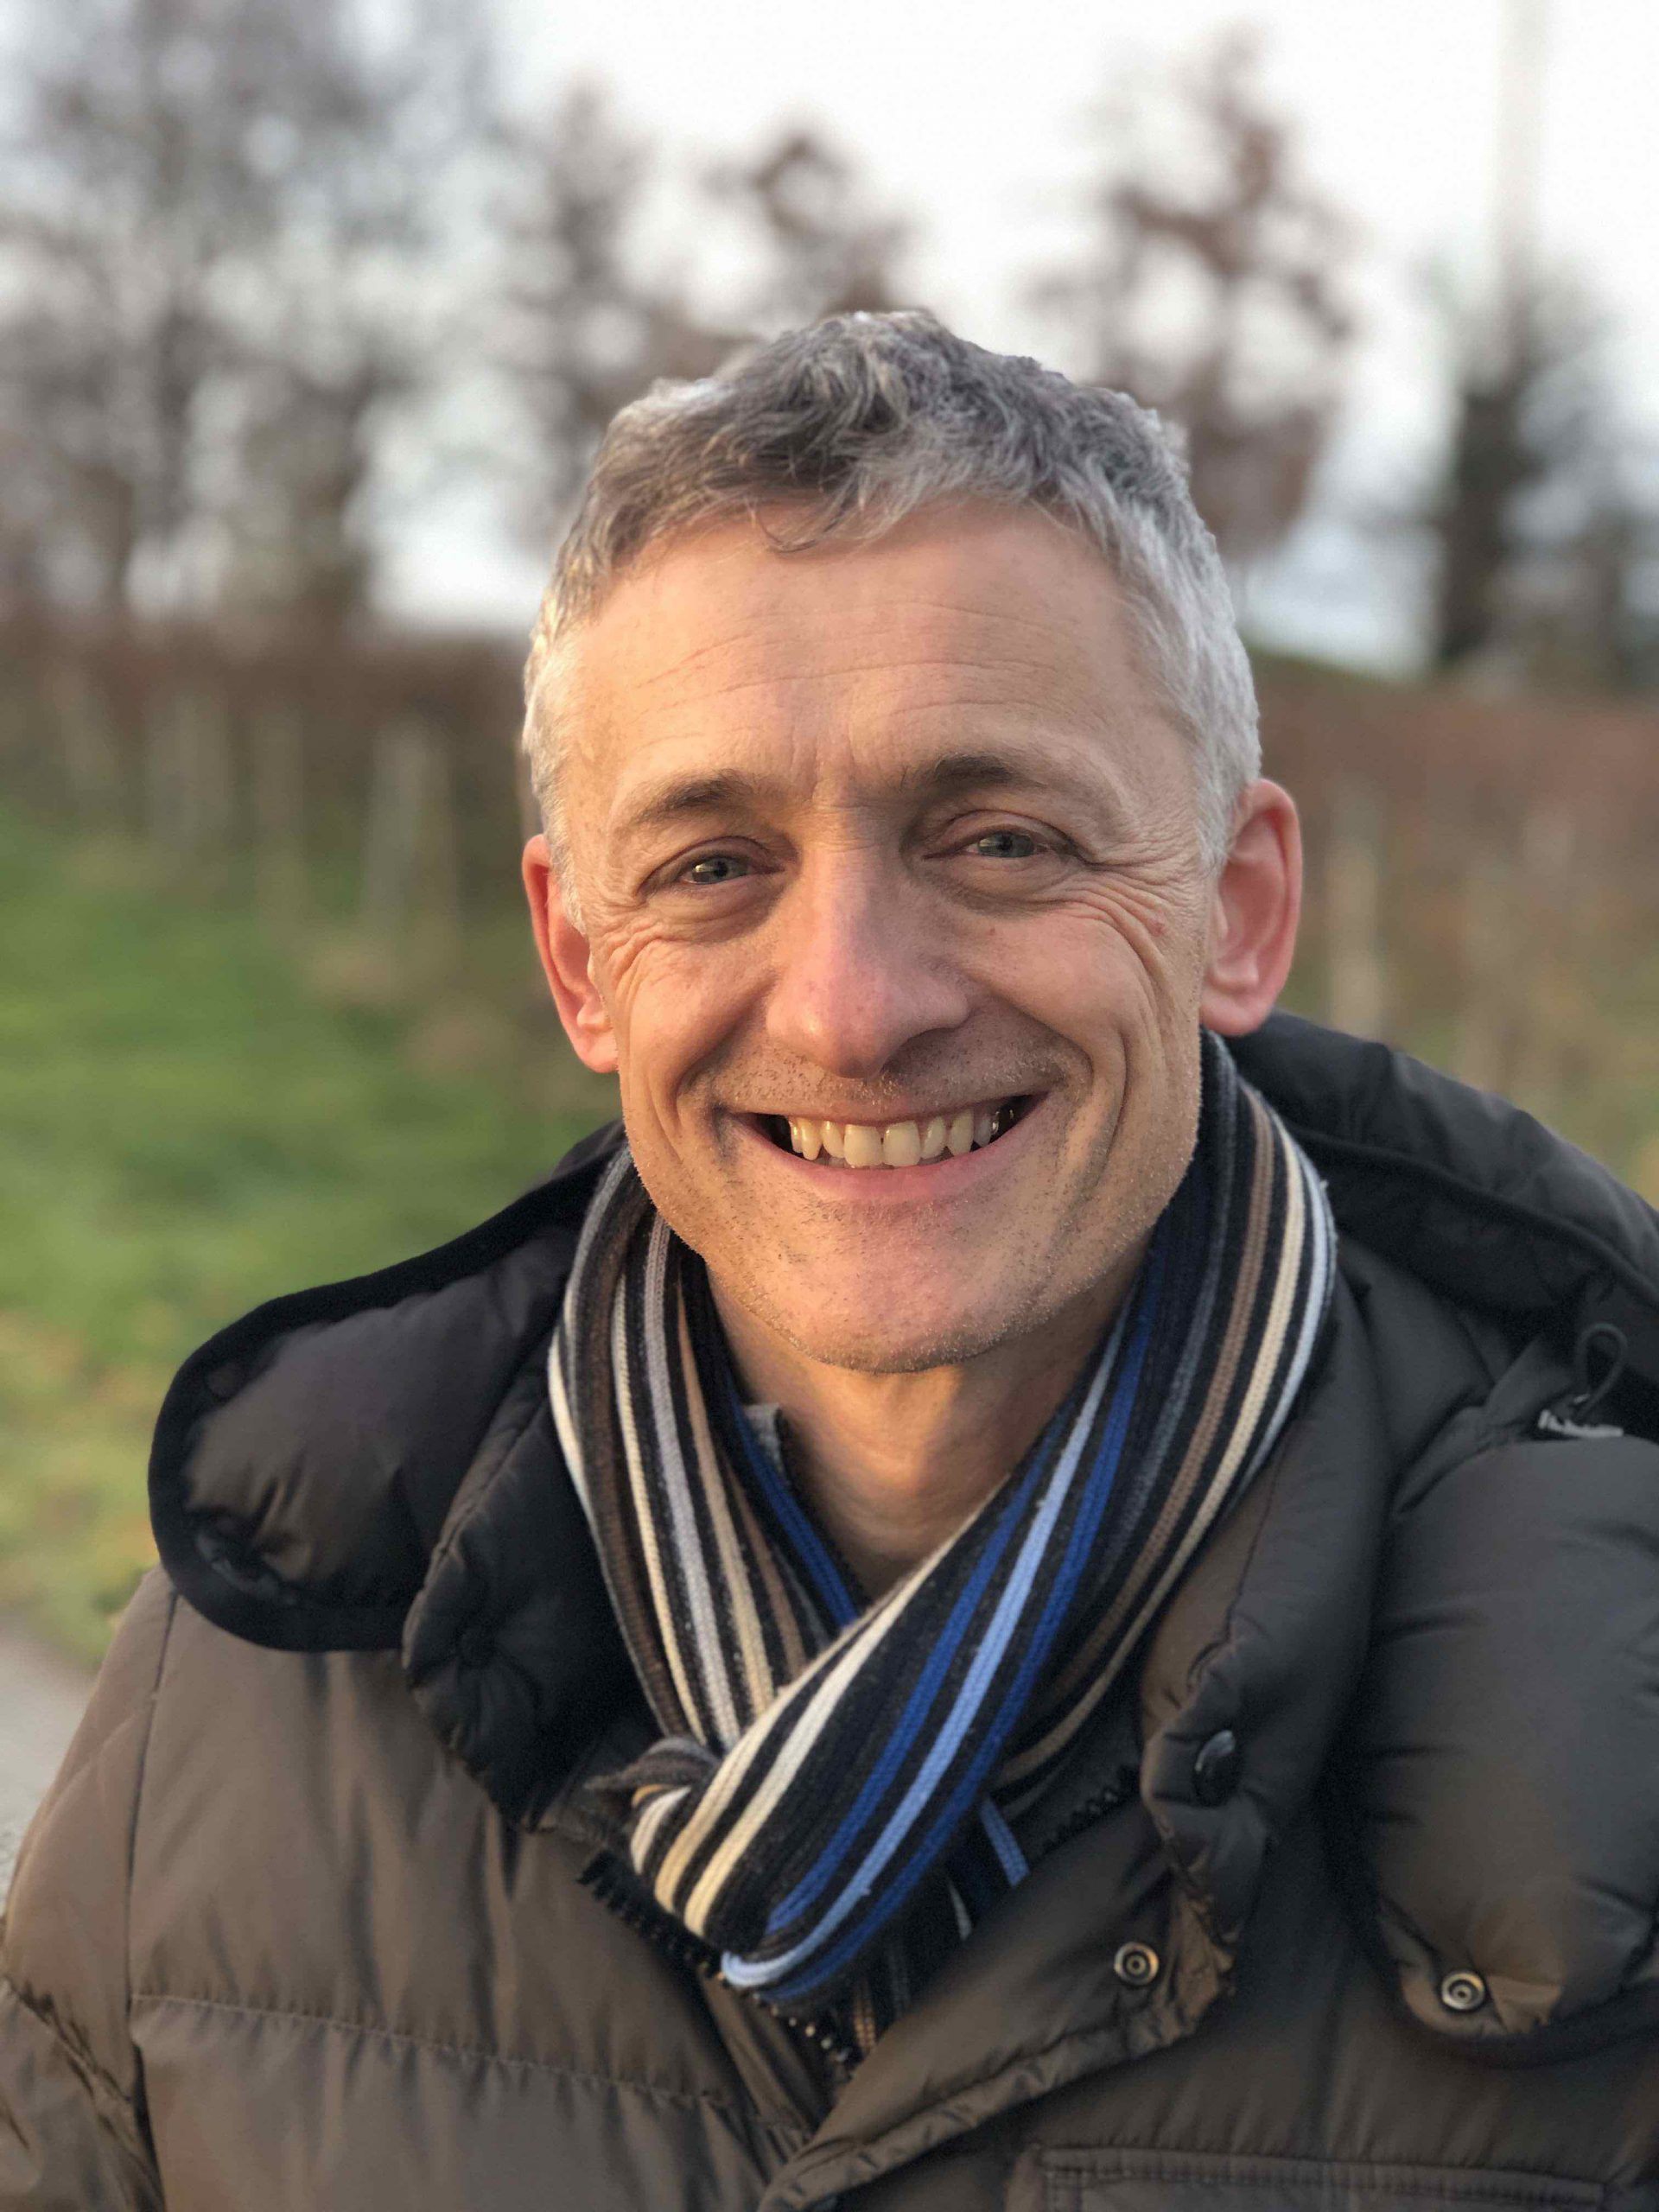 Michael Linnig genießt entspann die abendliche Stimmung am Bodensee